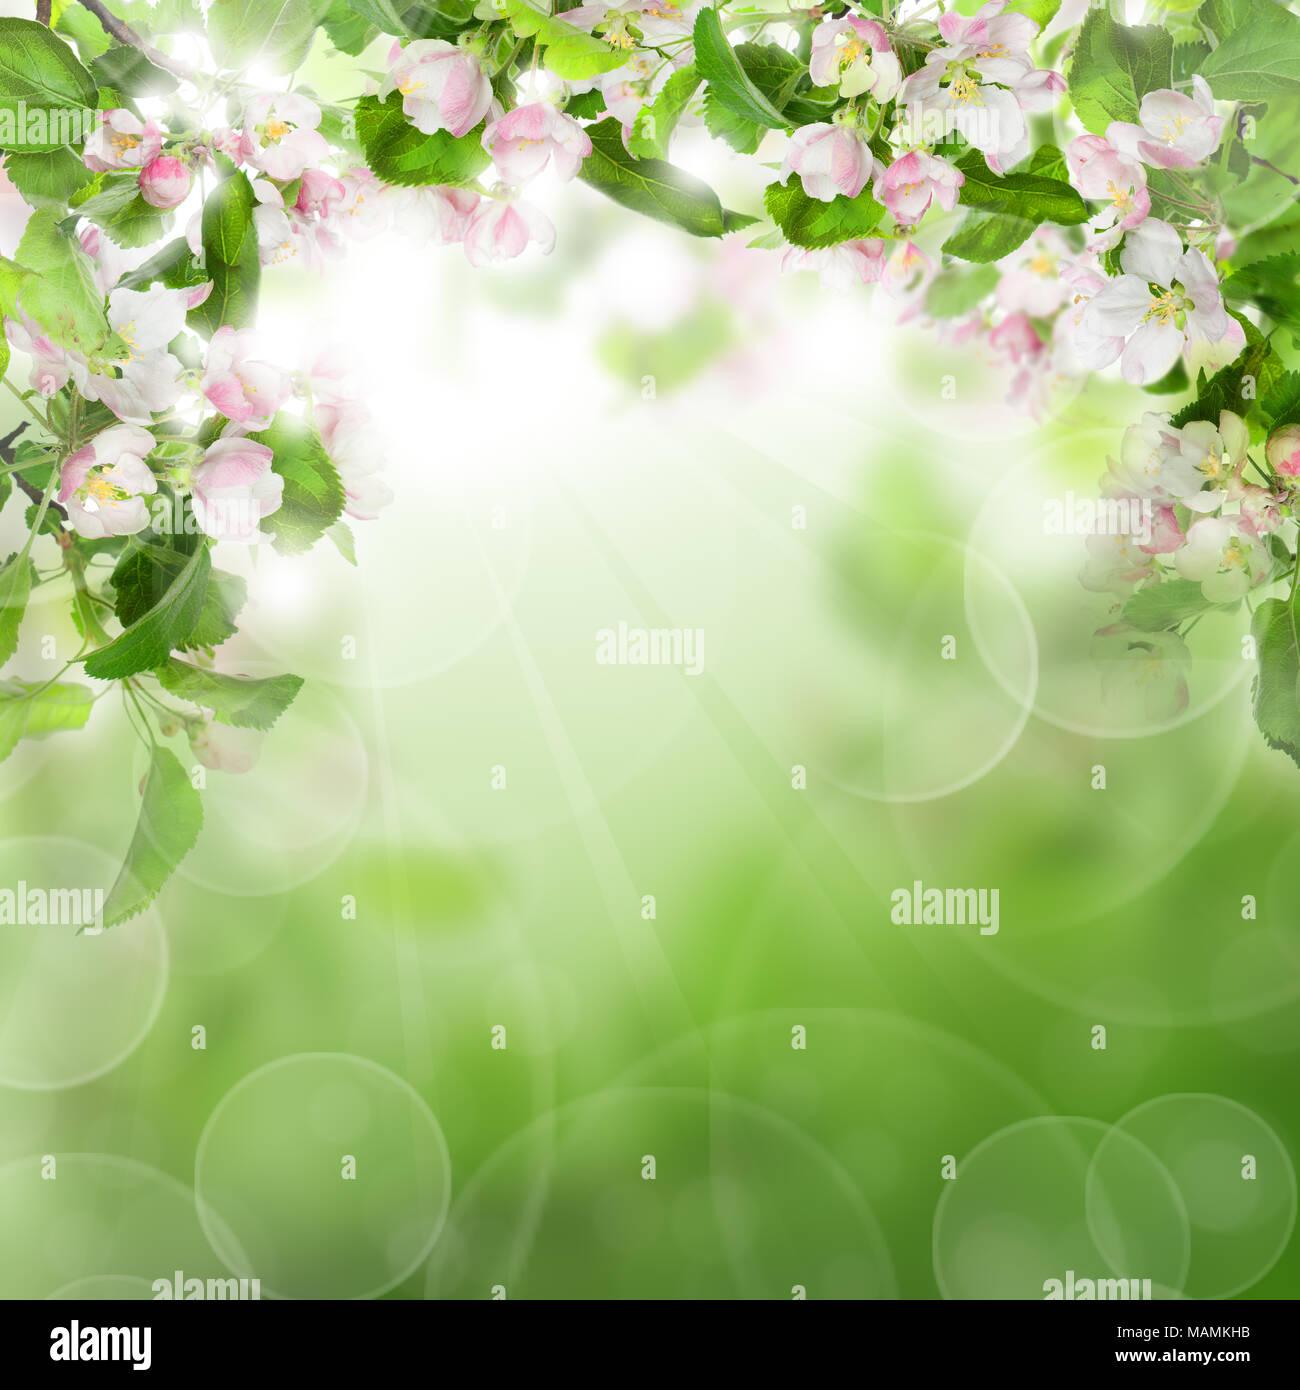 Abstract Sfondo Verde Con Fiori Di Colore Bianco Il Verde Delle